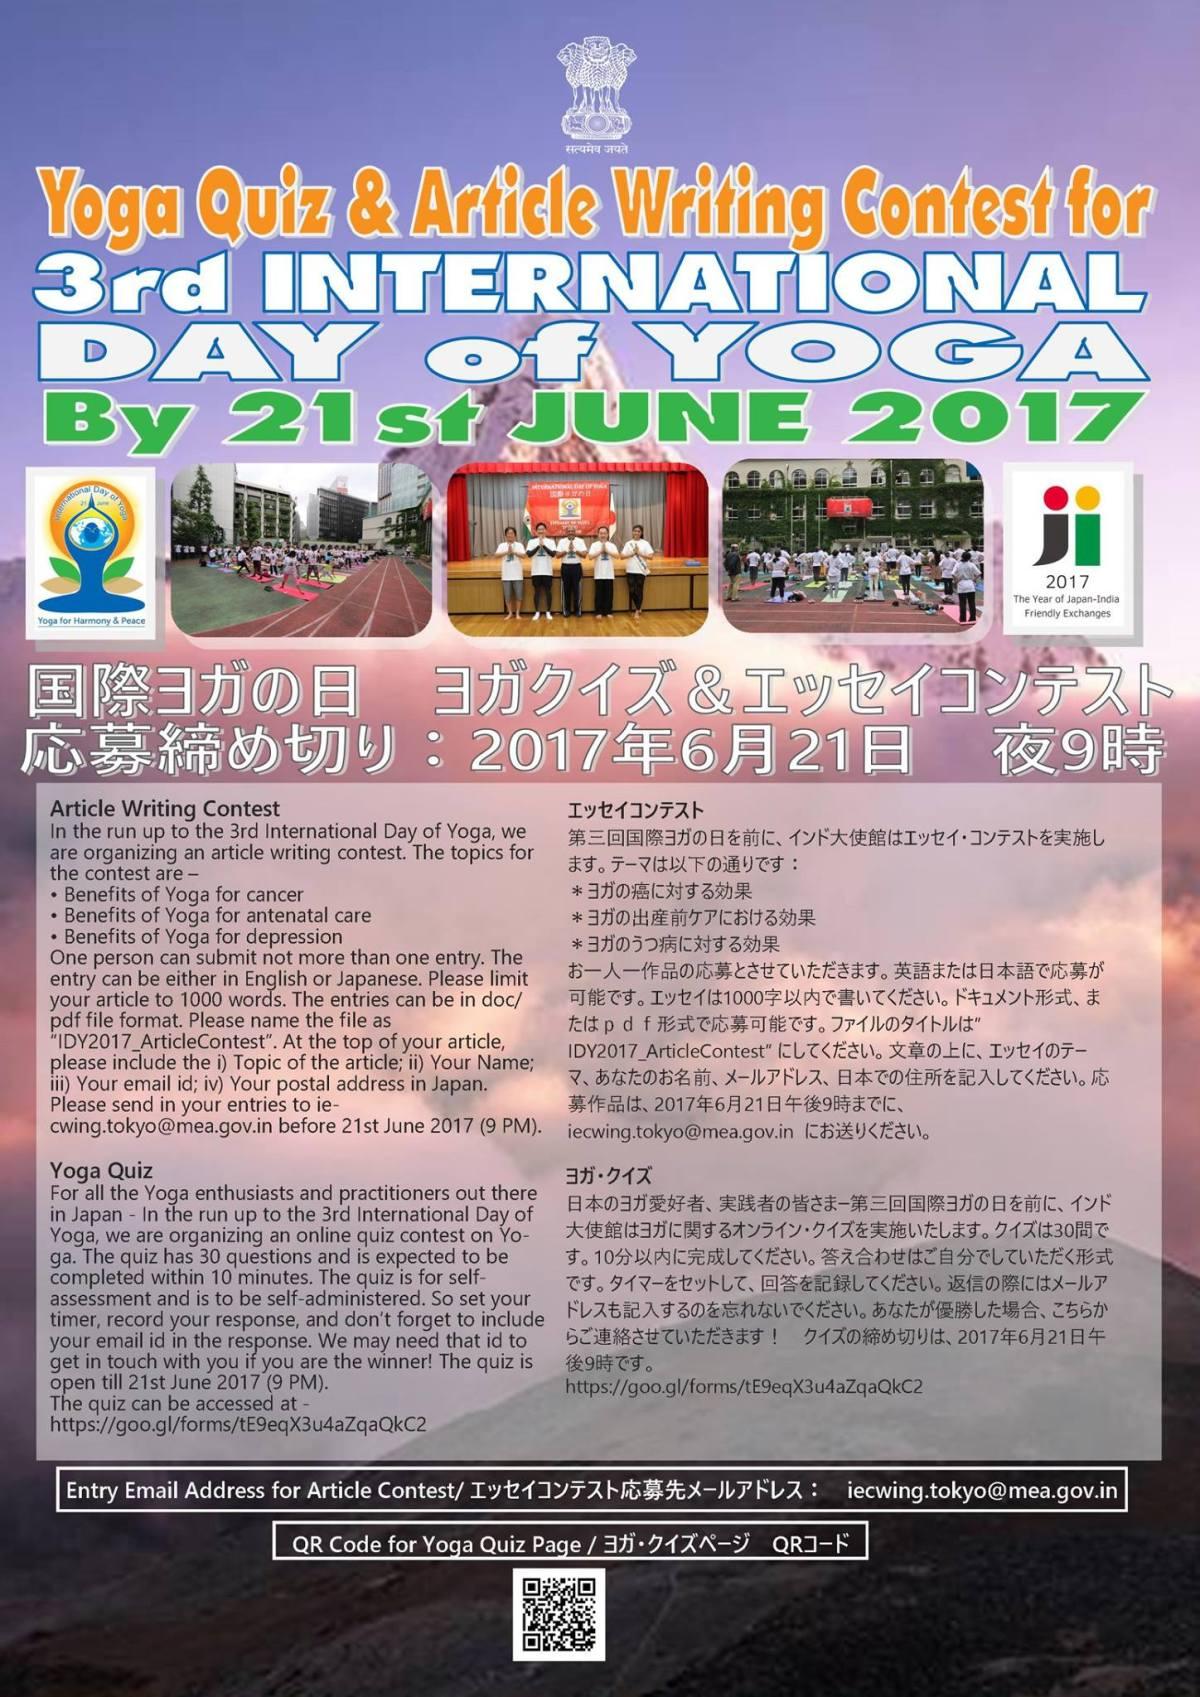 6月21日は国際ヨガの日|「国際ヨガの日 クイズ&エッセイコンテスト 」実施中